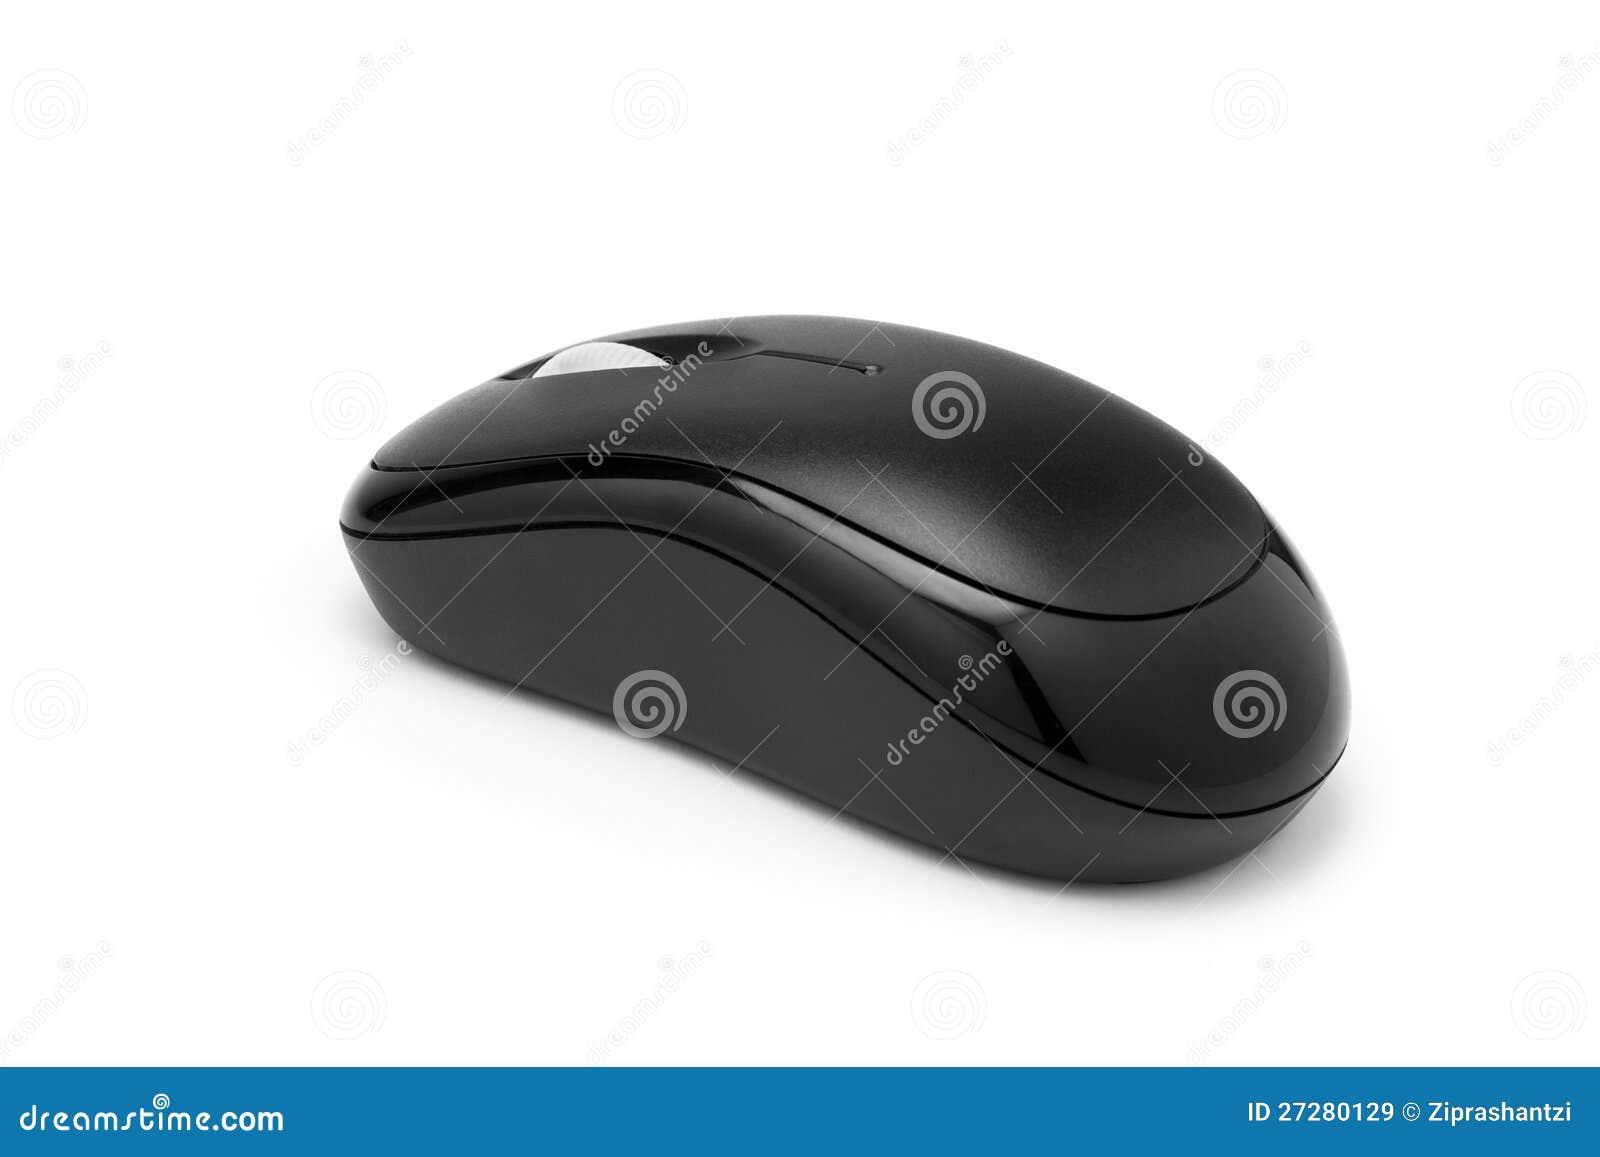 Bezprzewodowa mysz